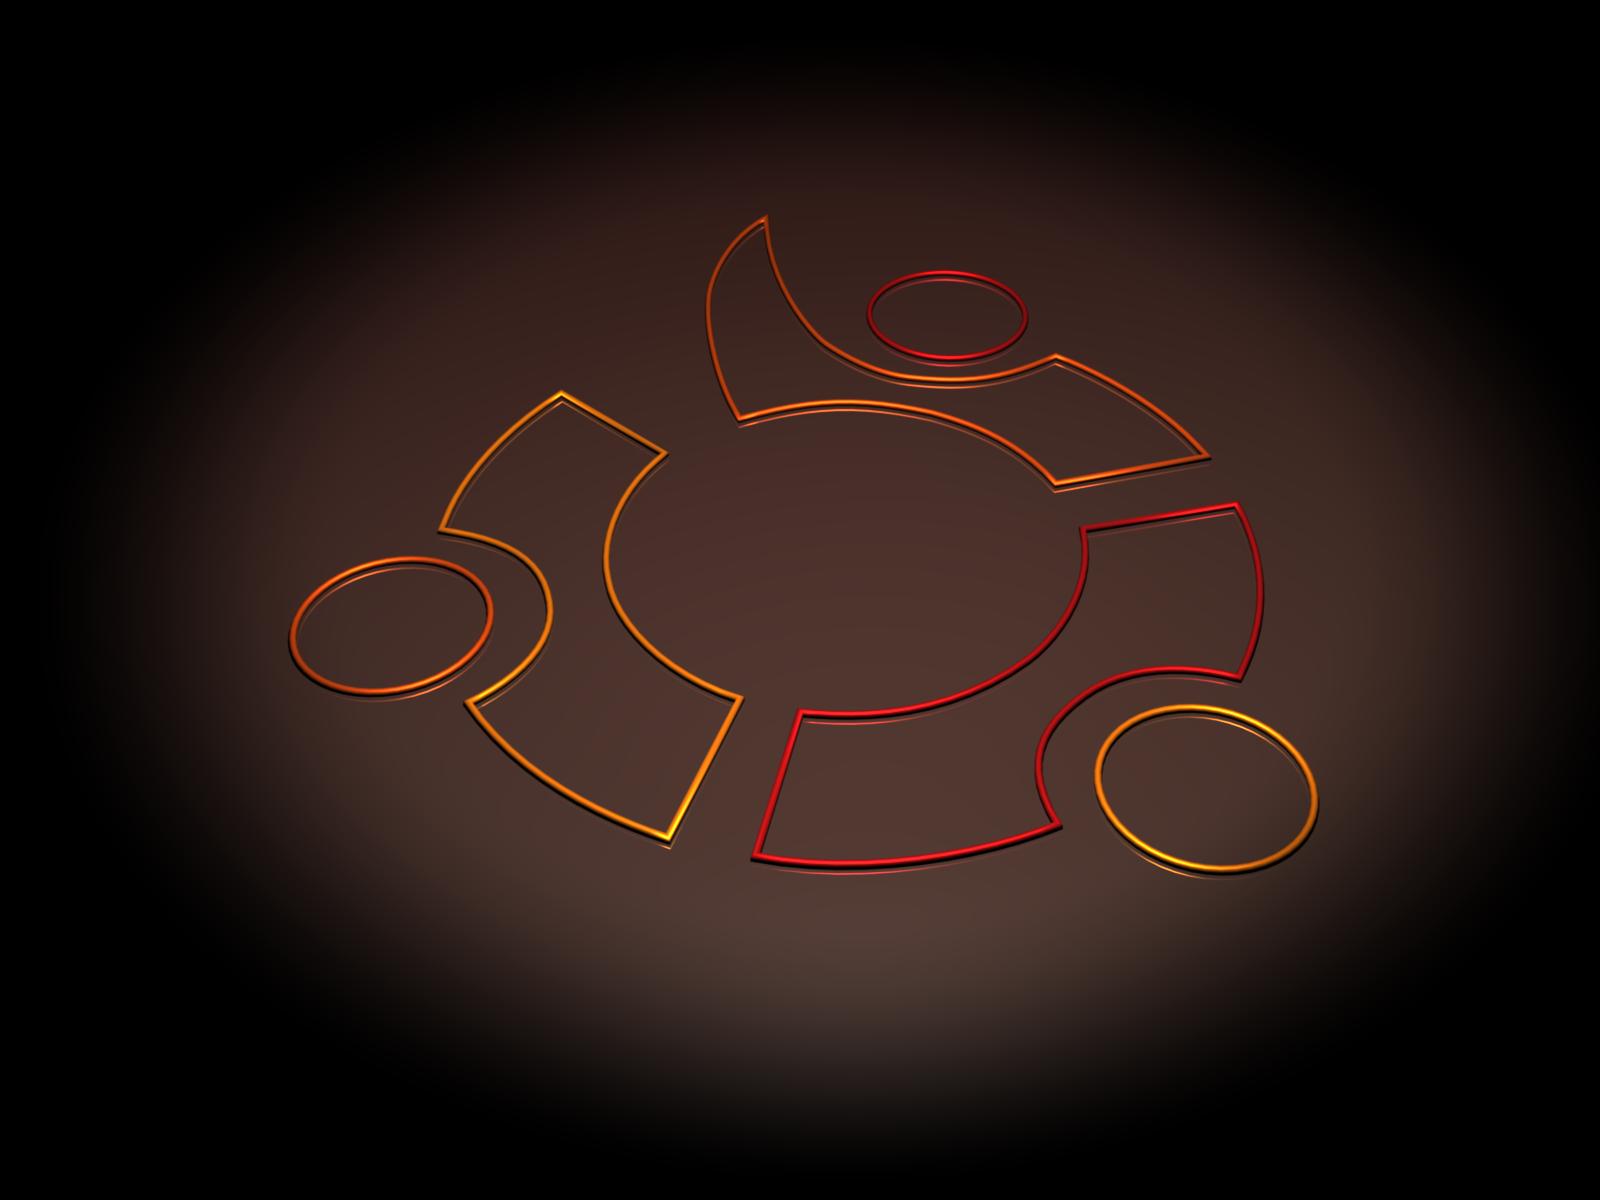 ubuntu wallpaper pattern